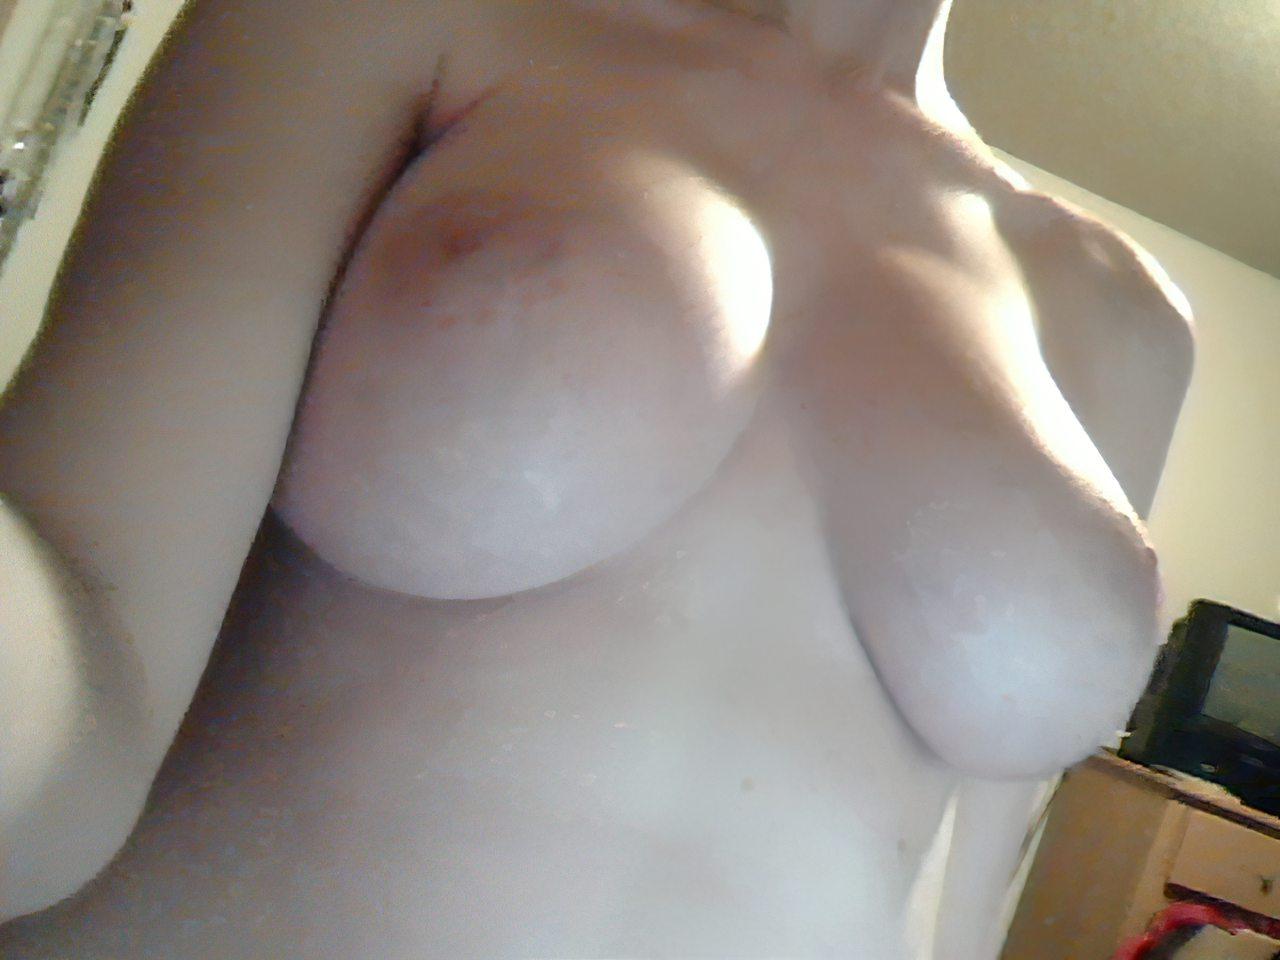 Em Frente da Webcam (2)